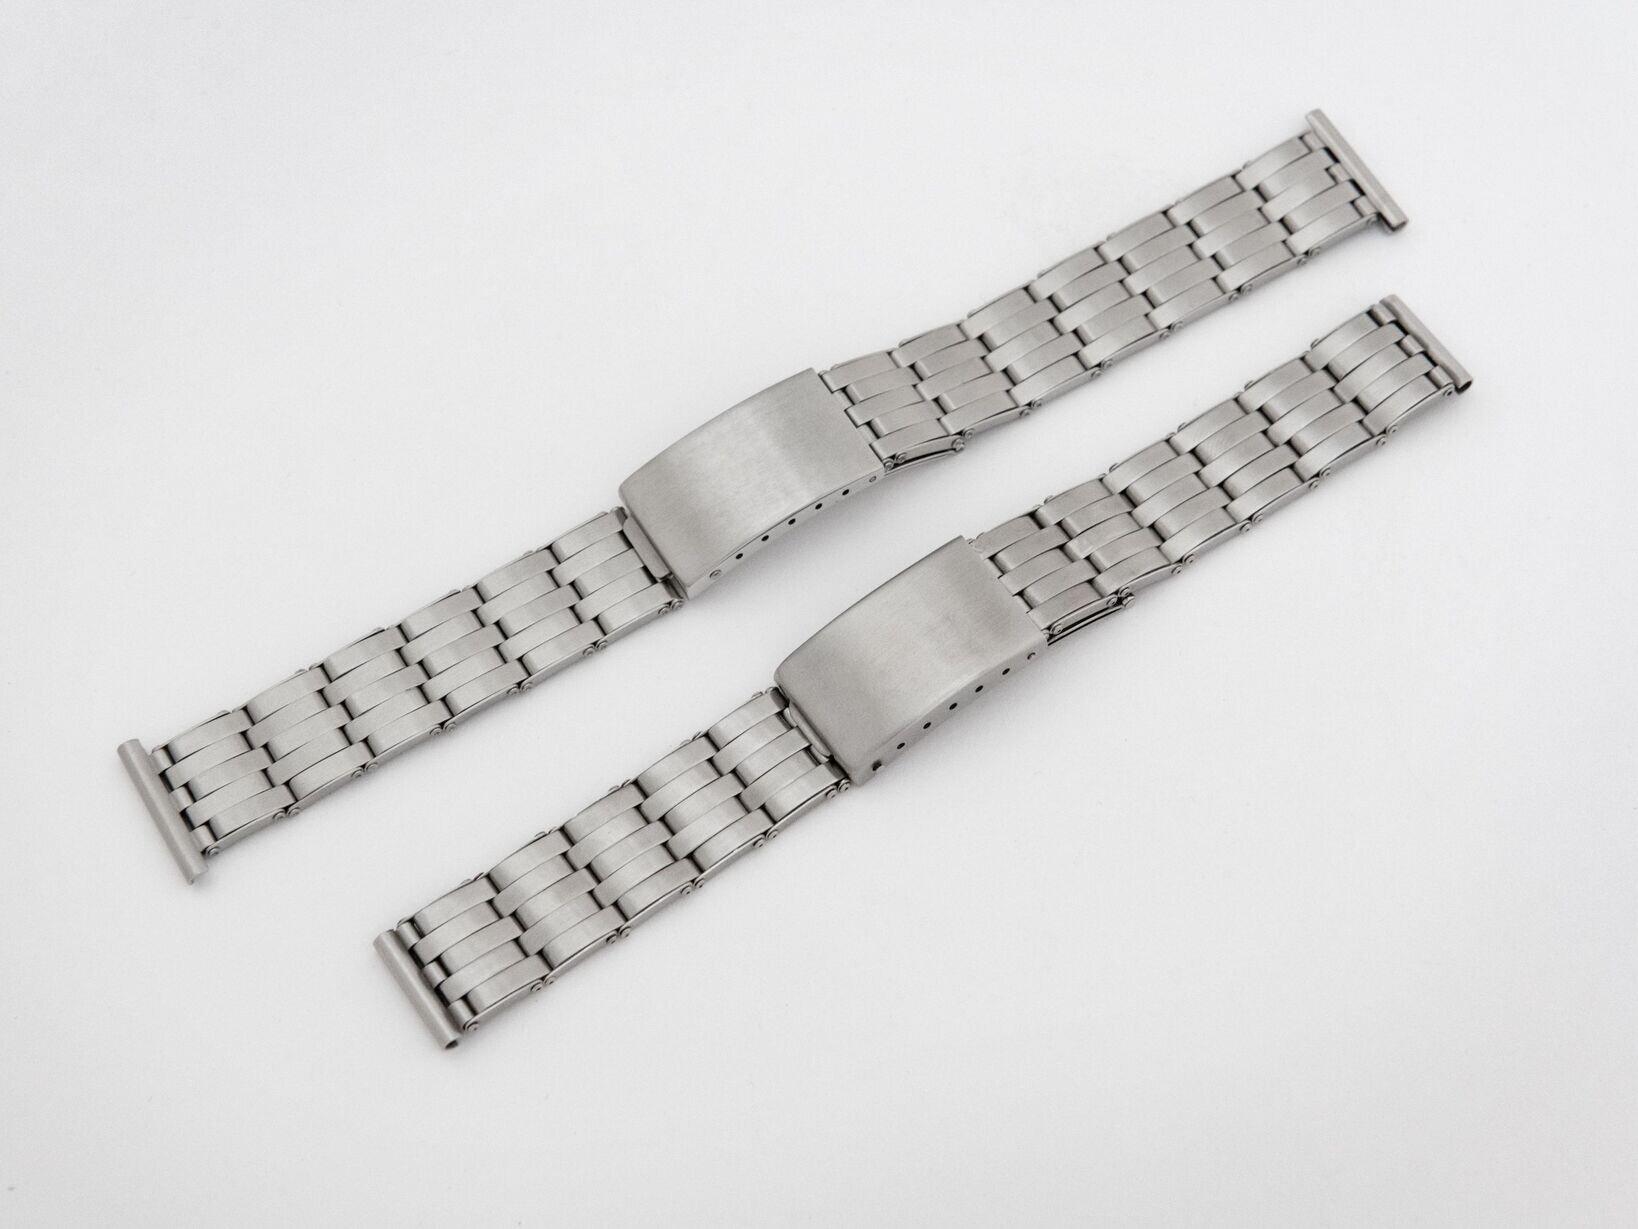 右側のヴィンテージのクロムウェルの製品と並べても遜色のない仕上がりを見せるケアーズのオリジナルブレスレット。16~20mまでのラグ幅の時計に対応する5サイズでの展開。